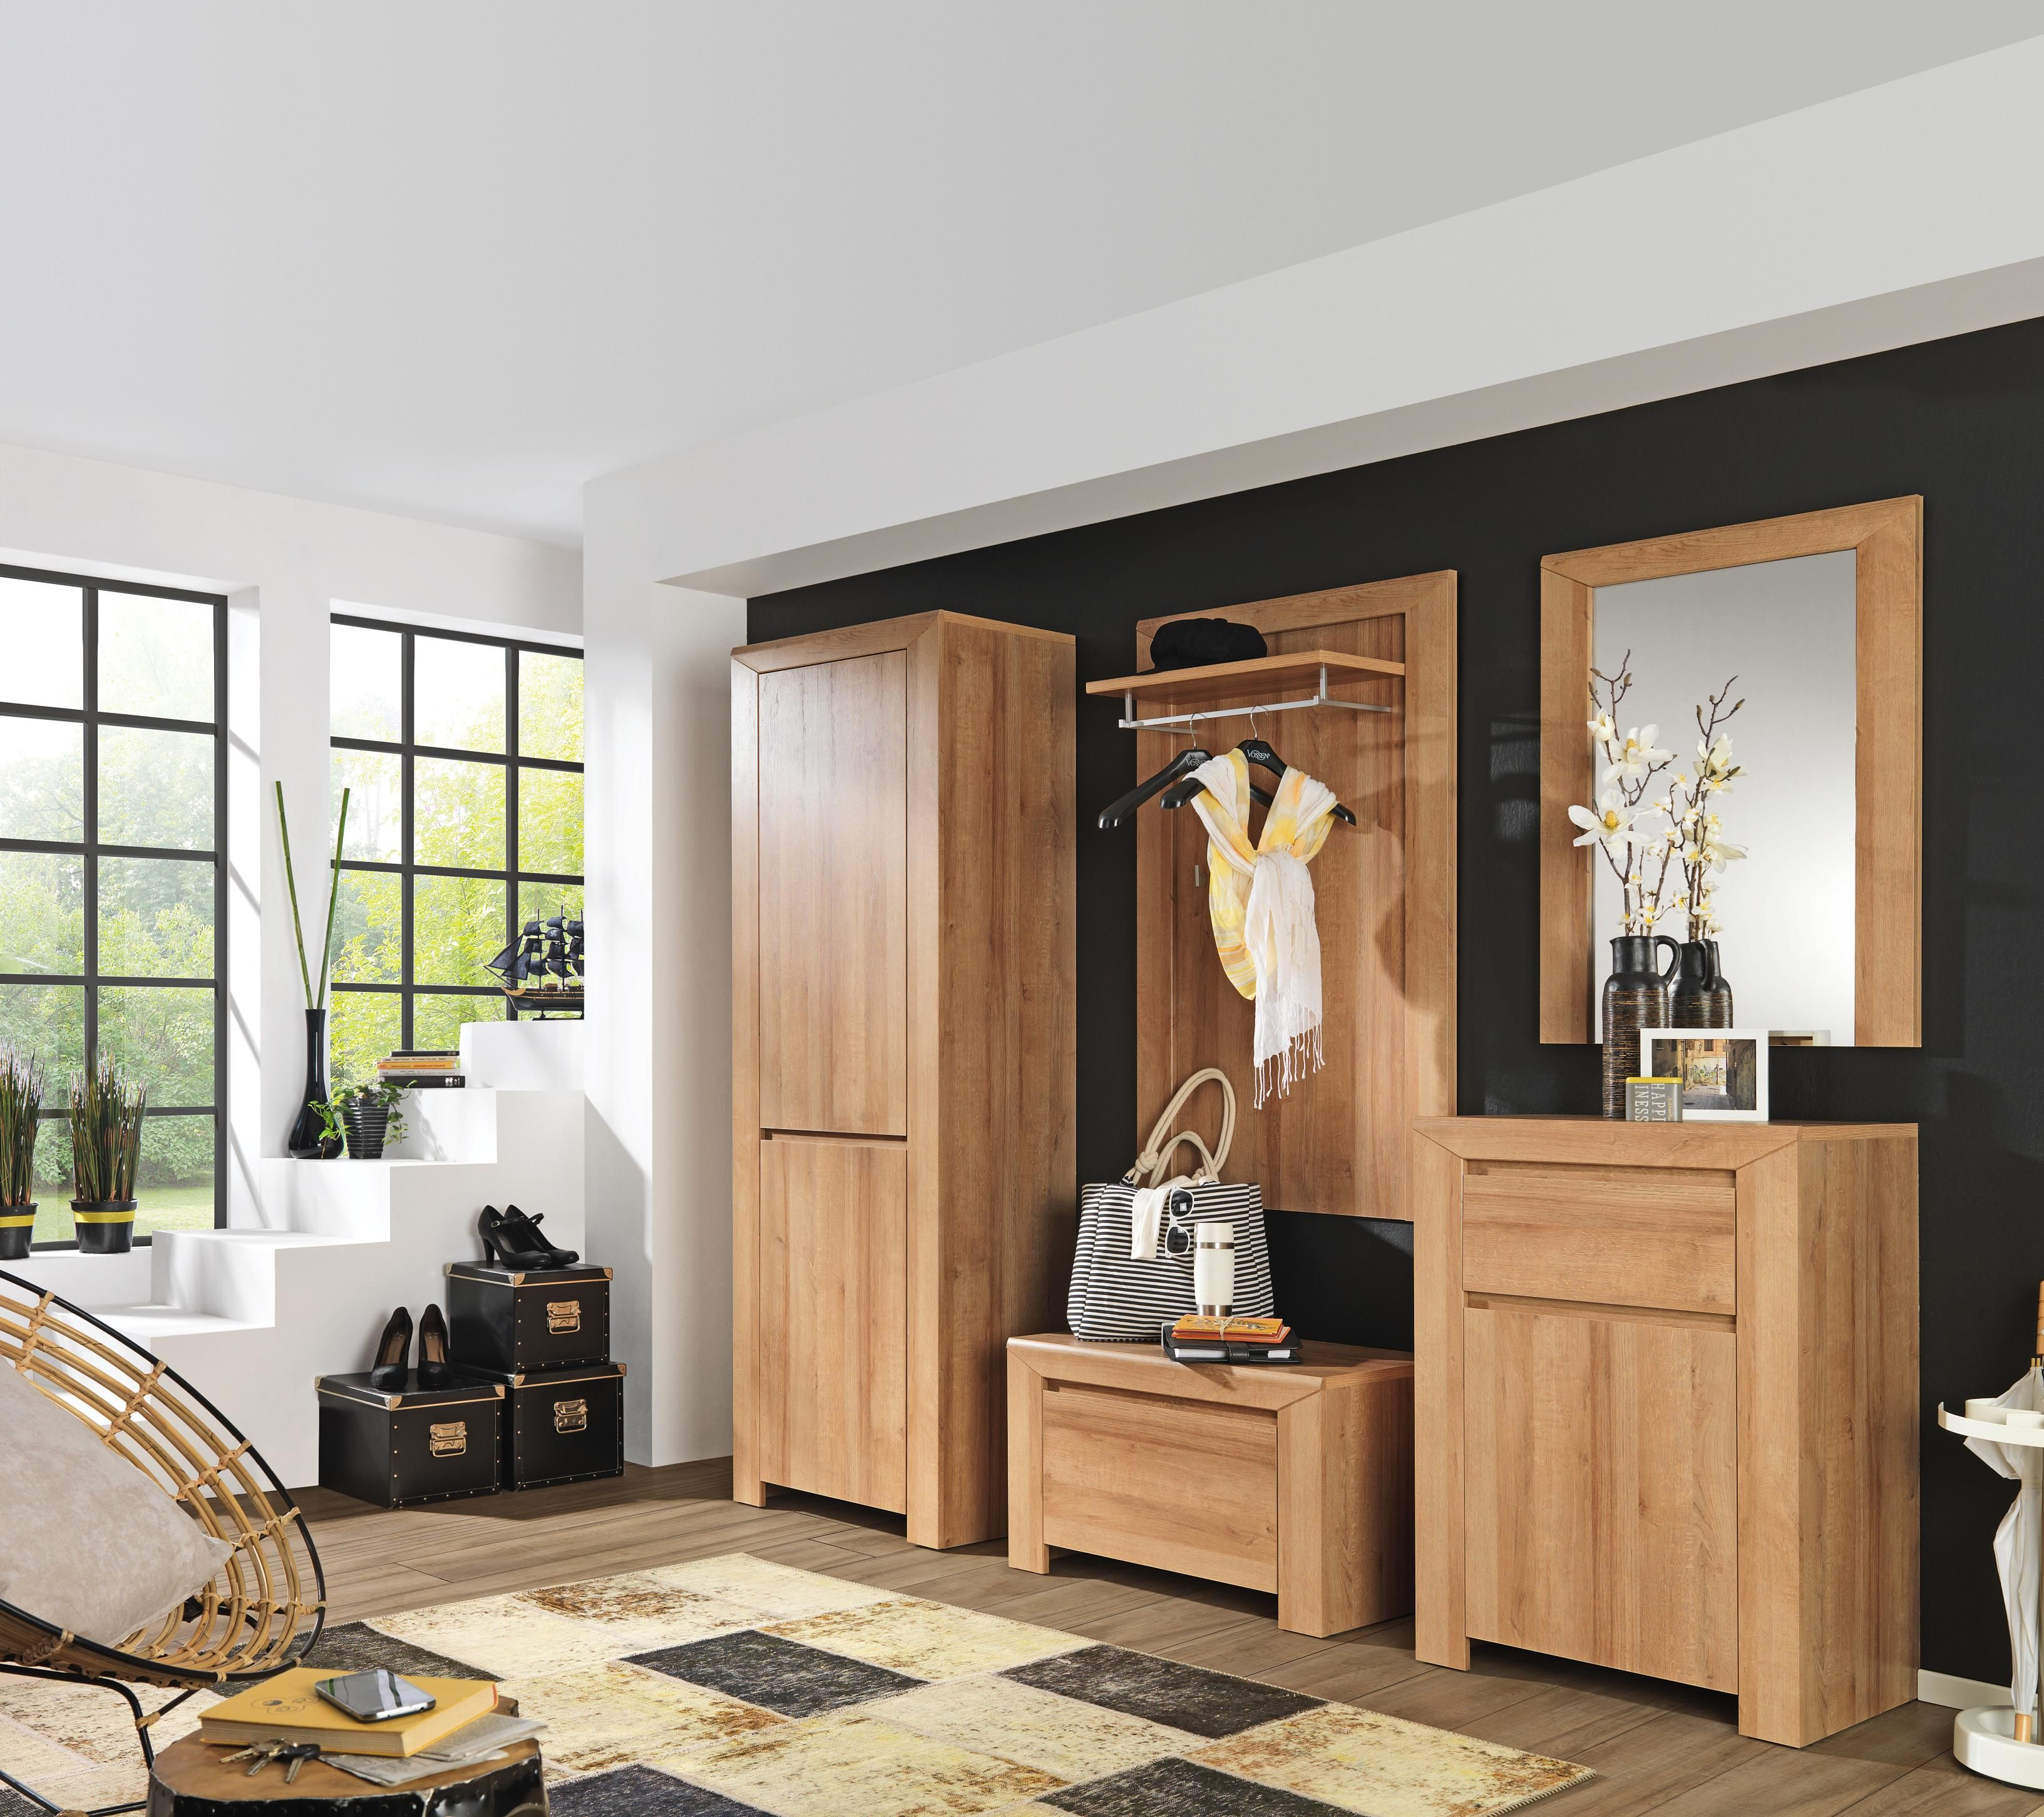 Garderobe Von Xora Garderobe Gaderobe Und Vorzimmer